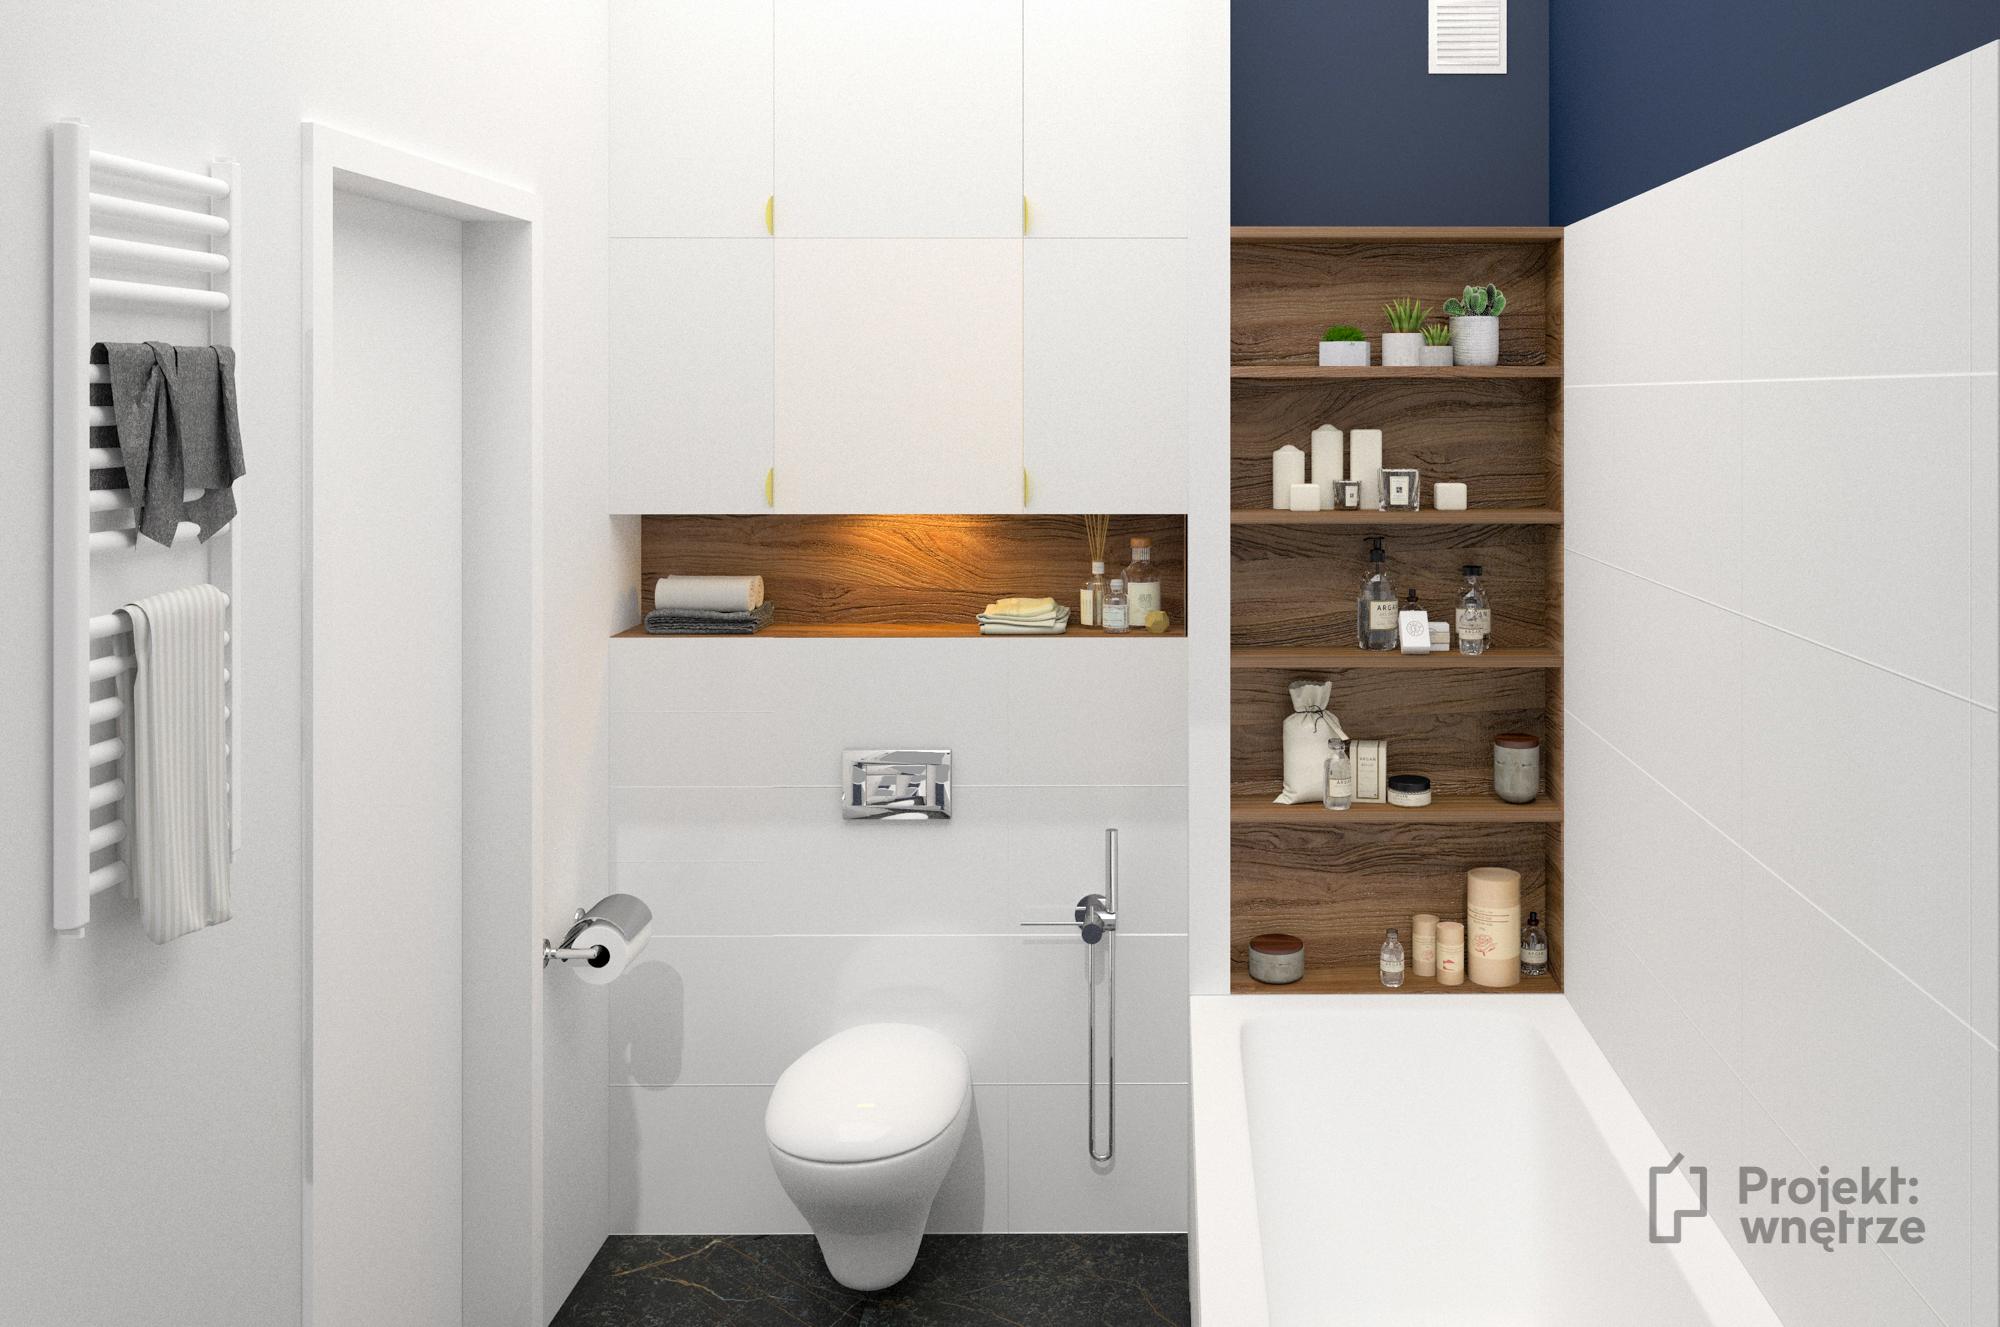 Projekt wnętrze - projekt łazienka granat biel i drewno + złote akcenty - projektowanie wnętrze Warszawa - www.projektwnetrze.com.pl